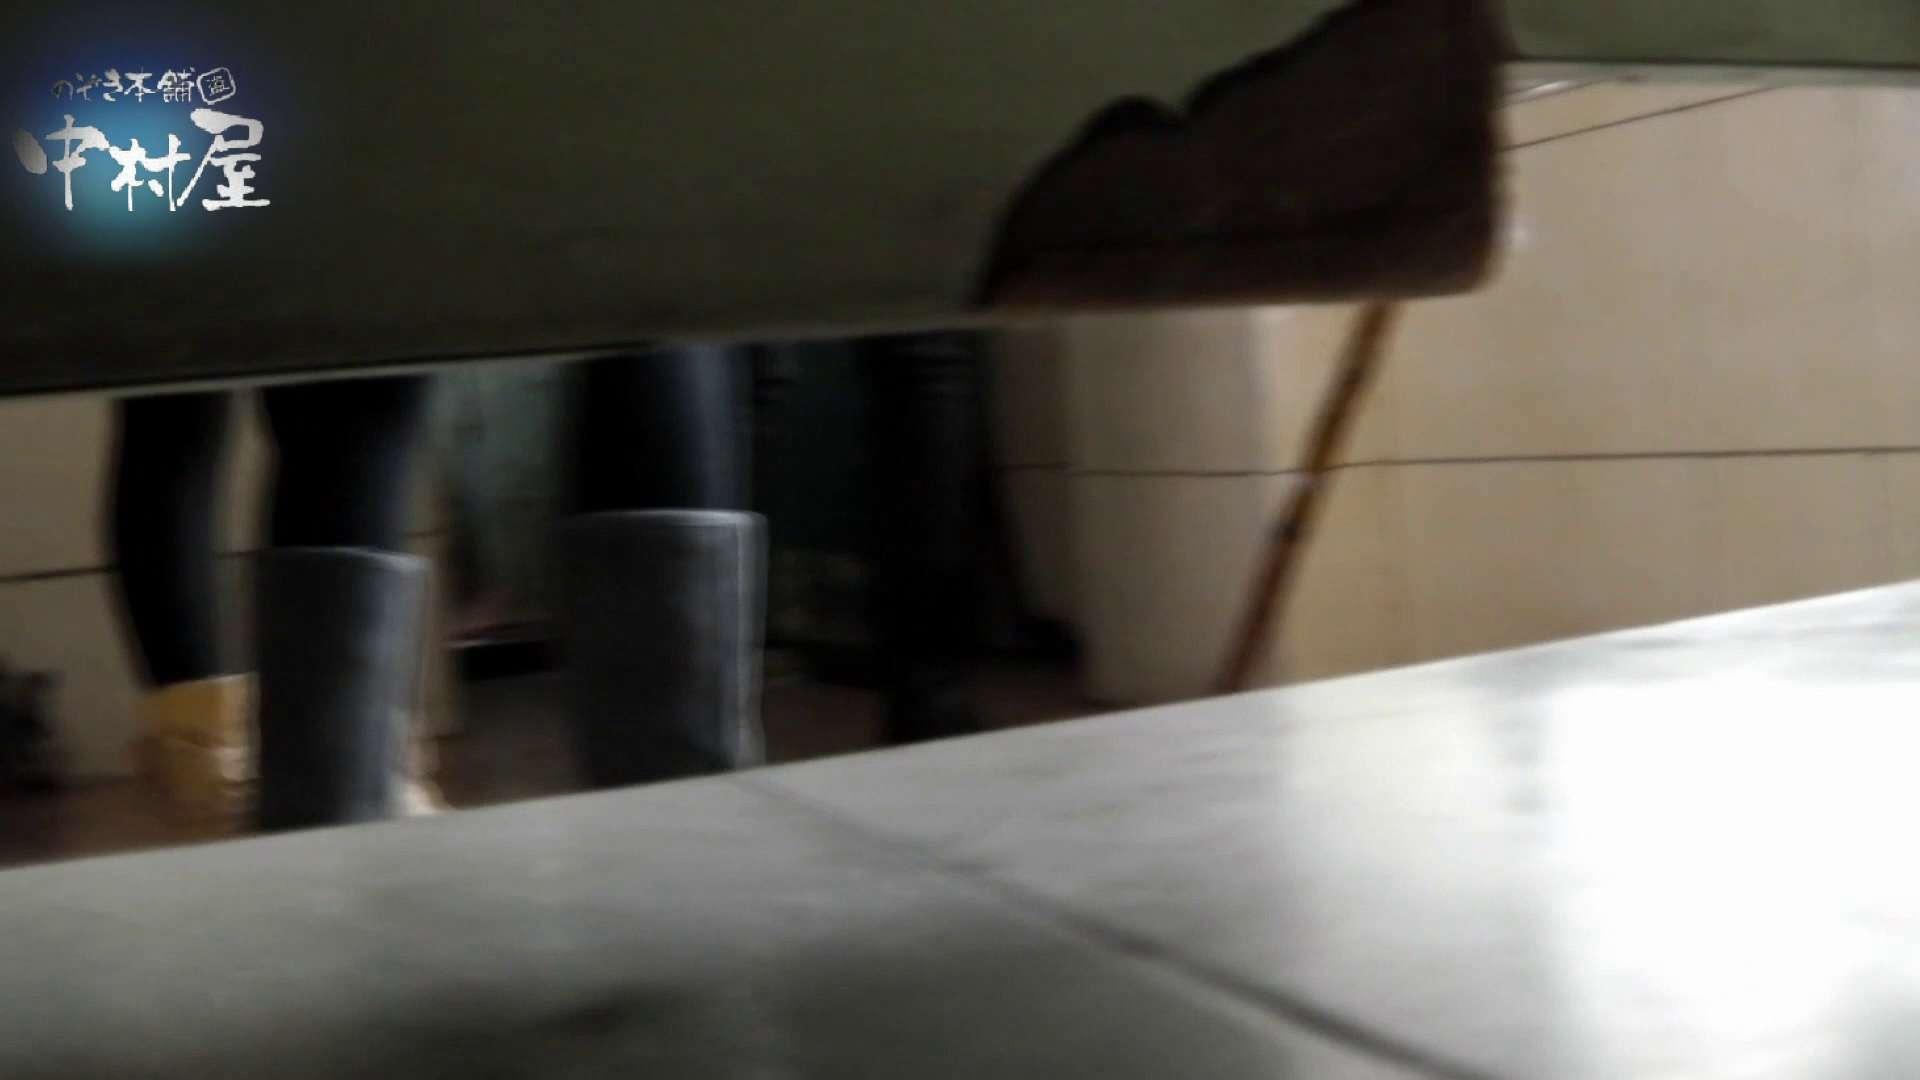 乙女集まる!ショッピングモール潜入撮vol.06 美しいOLの裸体 SEX無修正画像 86pic 8